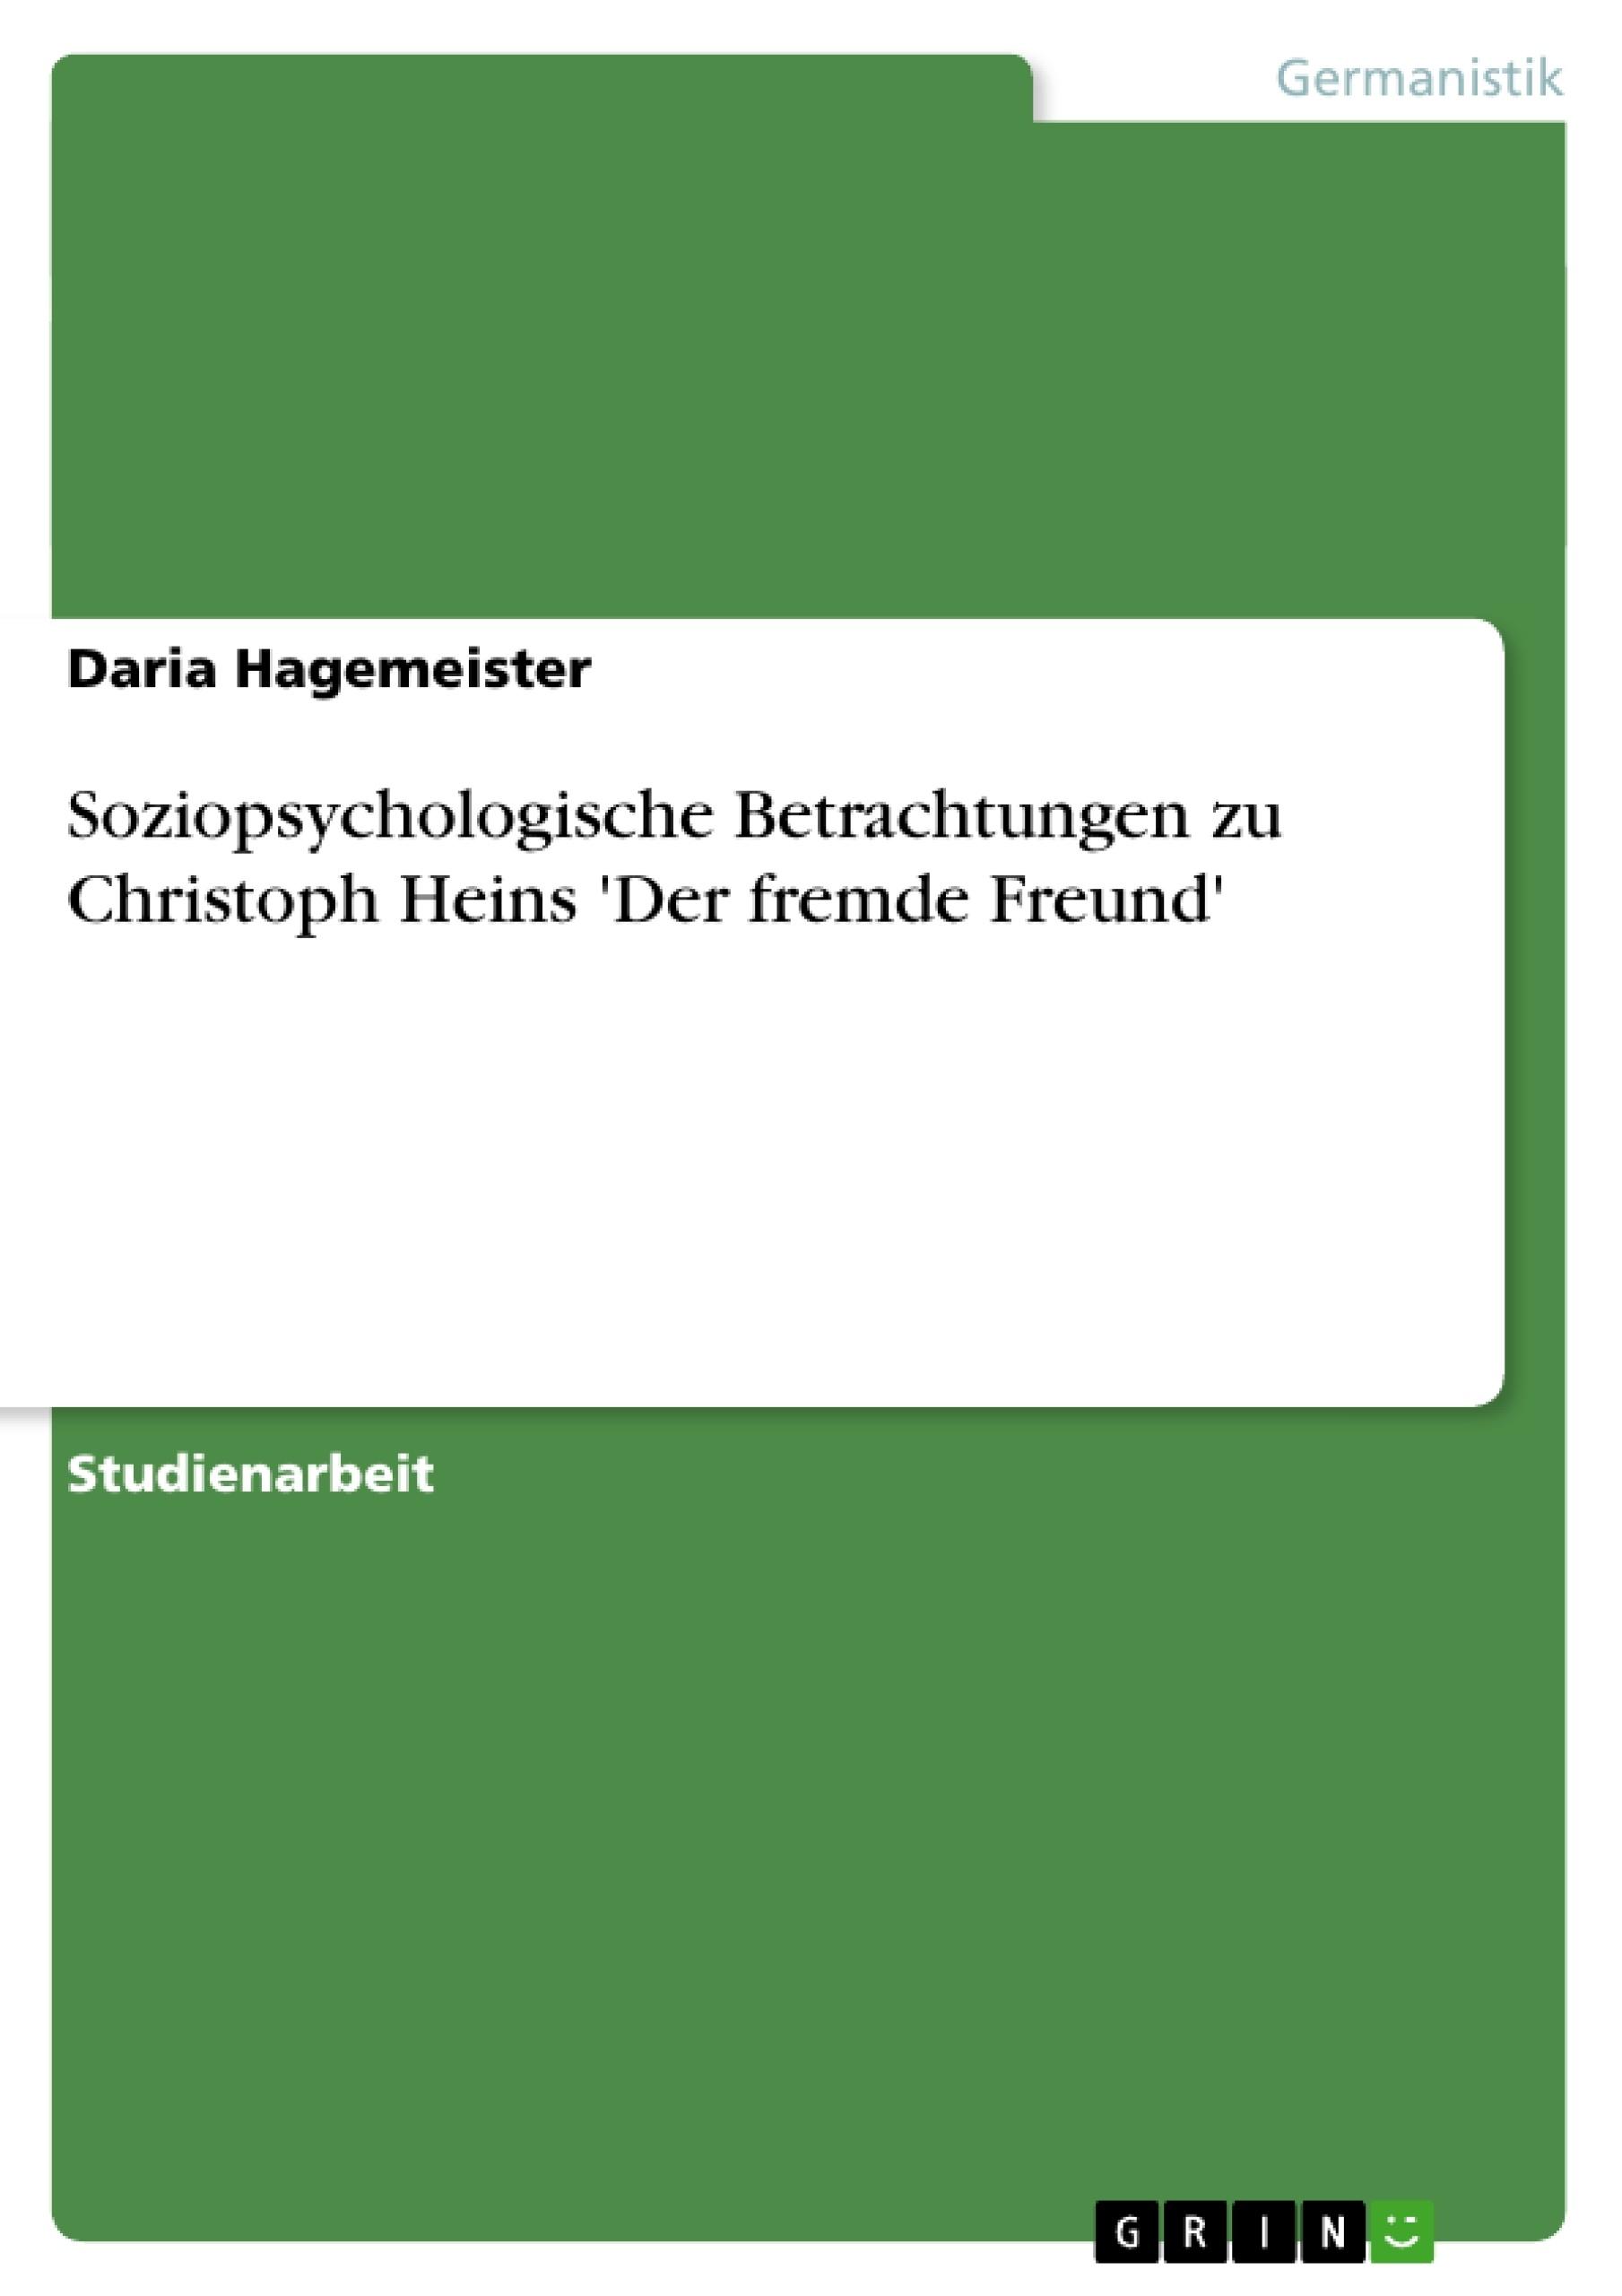 Titel: Soziopsychologische Betrachtungen zu Christoph Heins 'Der fremde Freund'